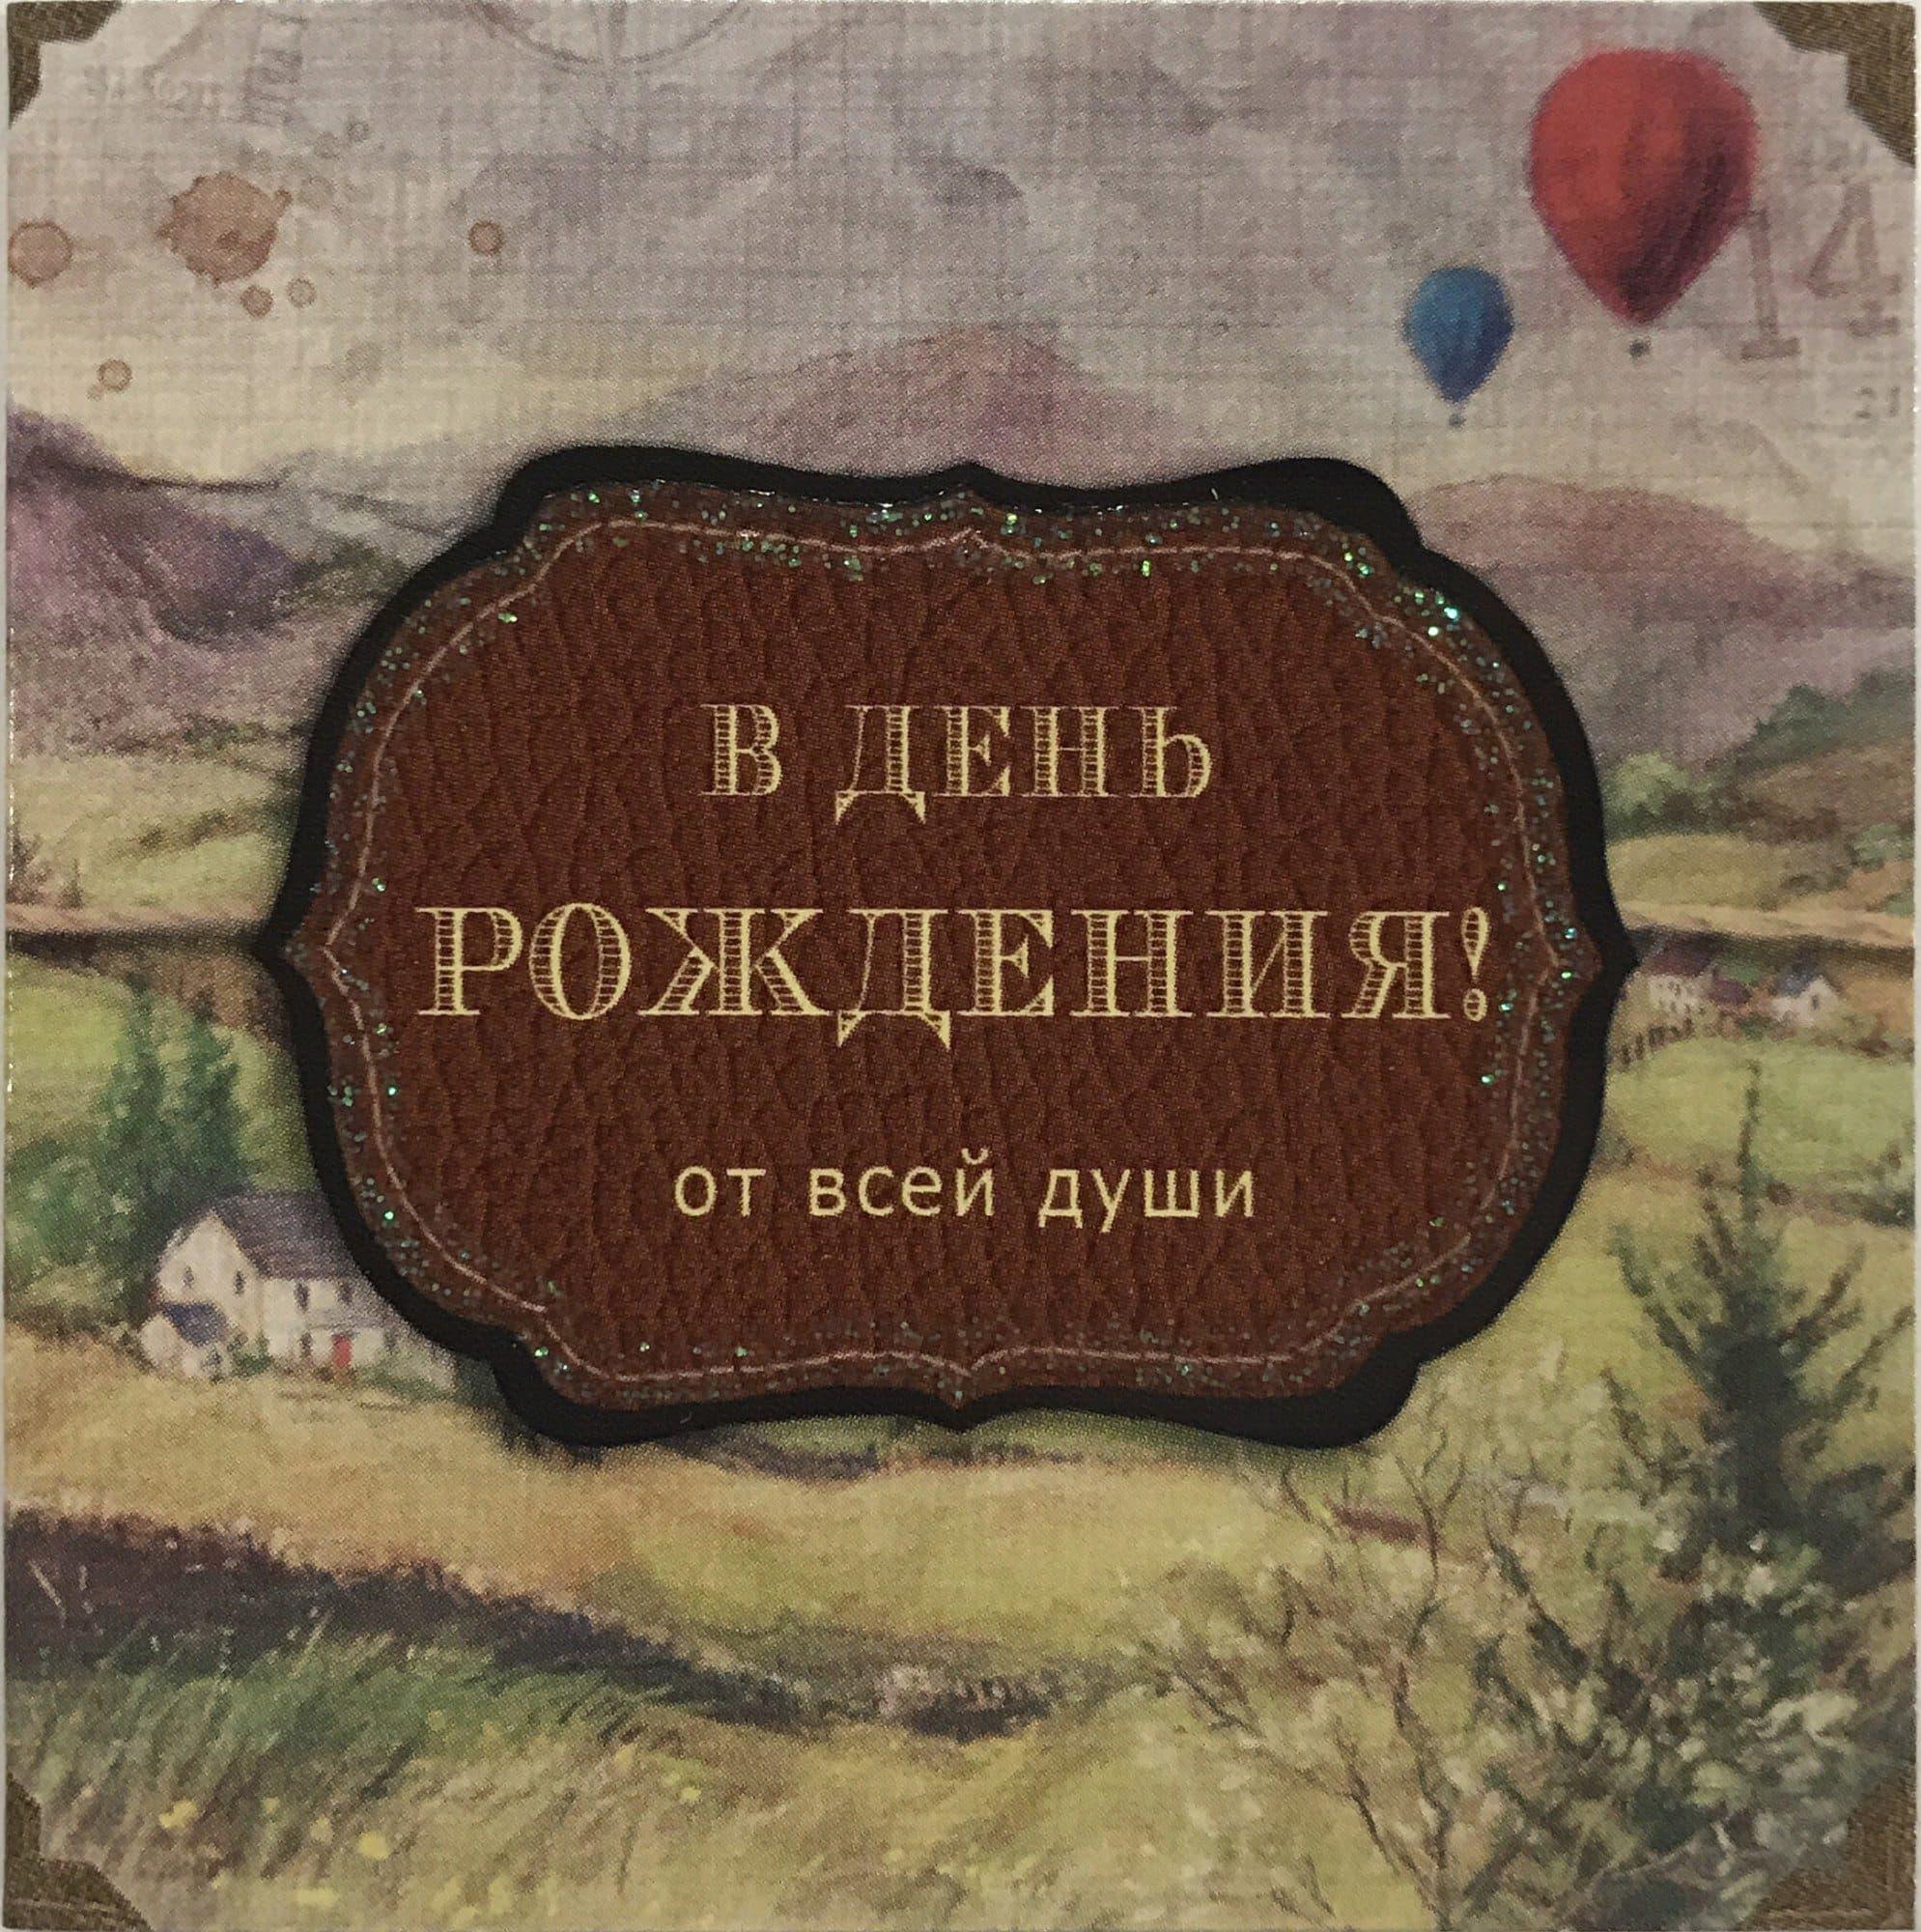 Маленькая открытка на День РожденияМаленькие открытки 50 руб.<br><br>